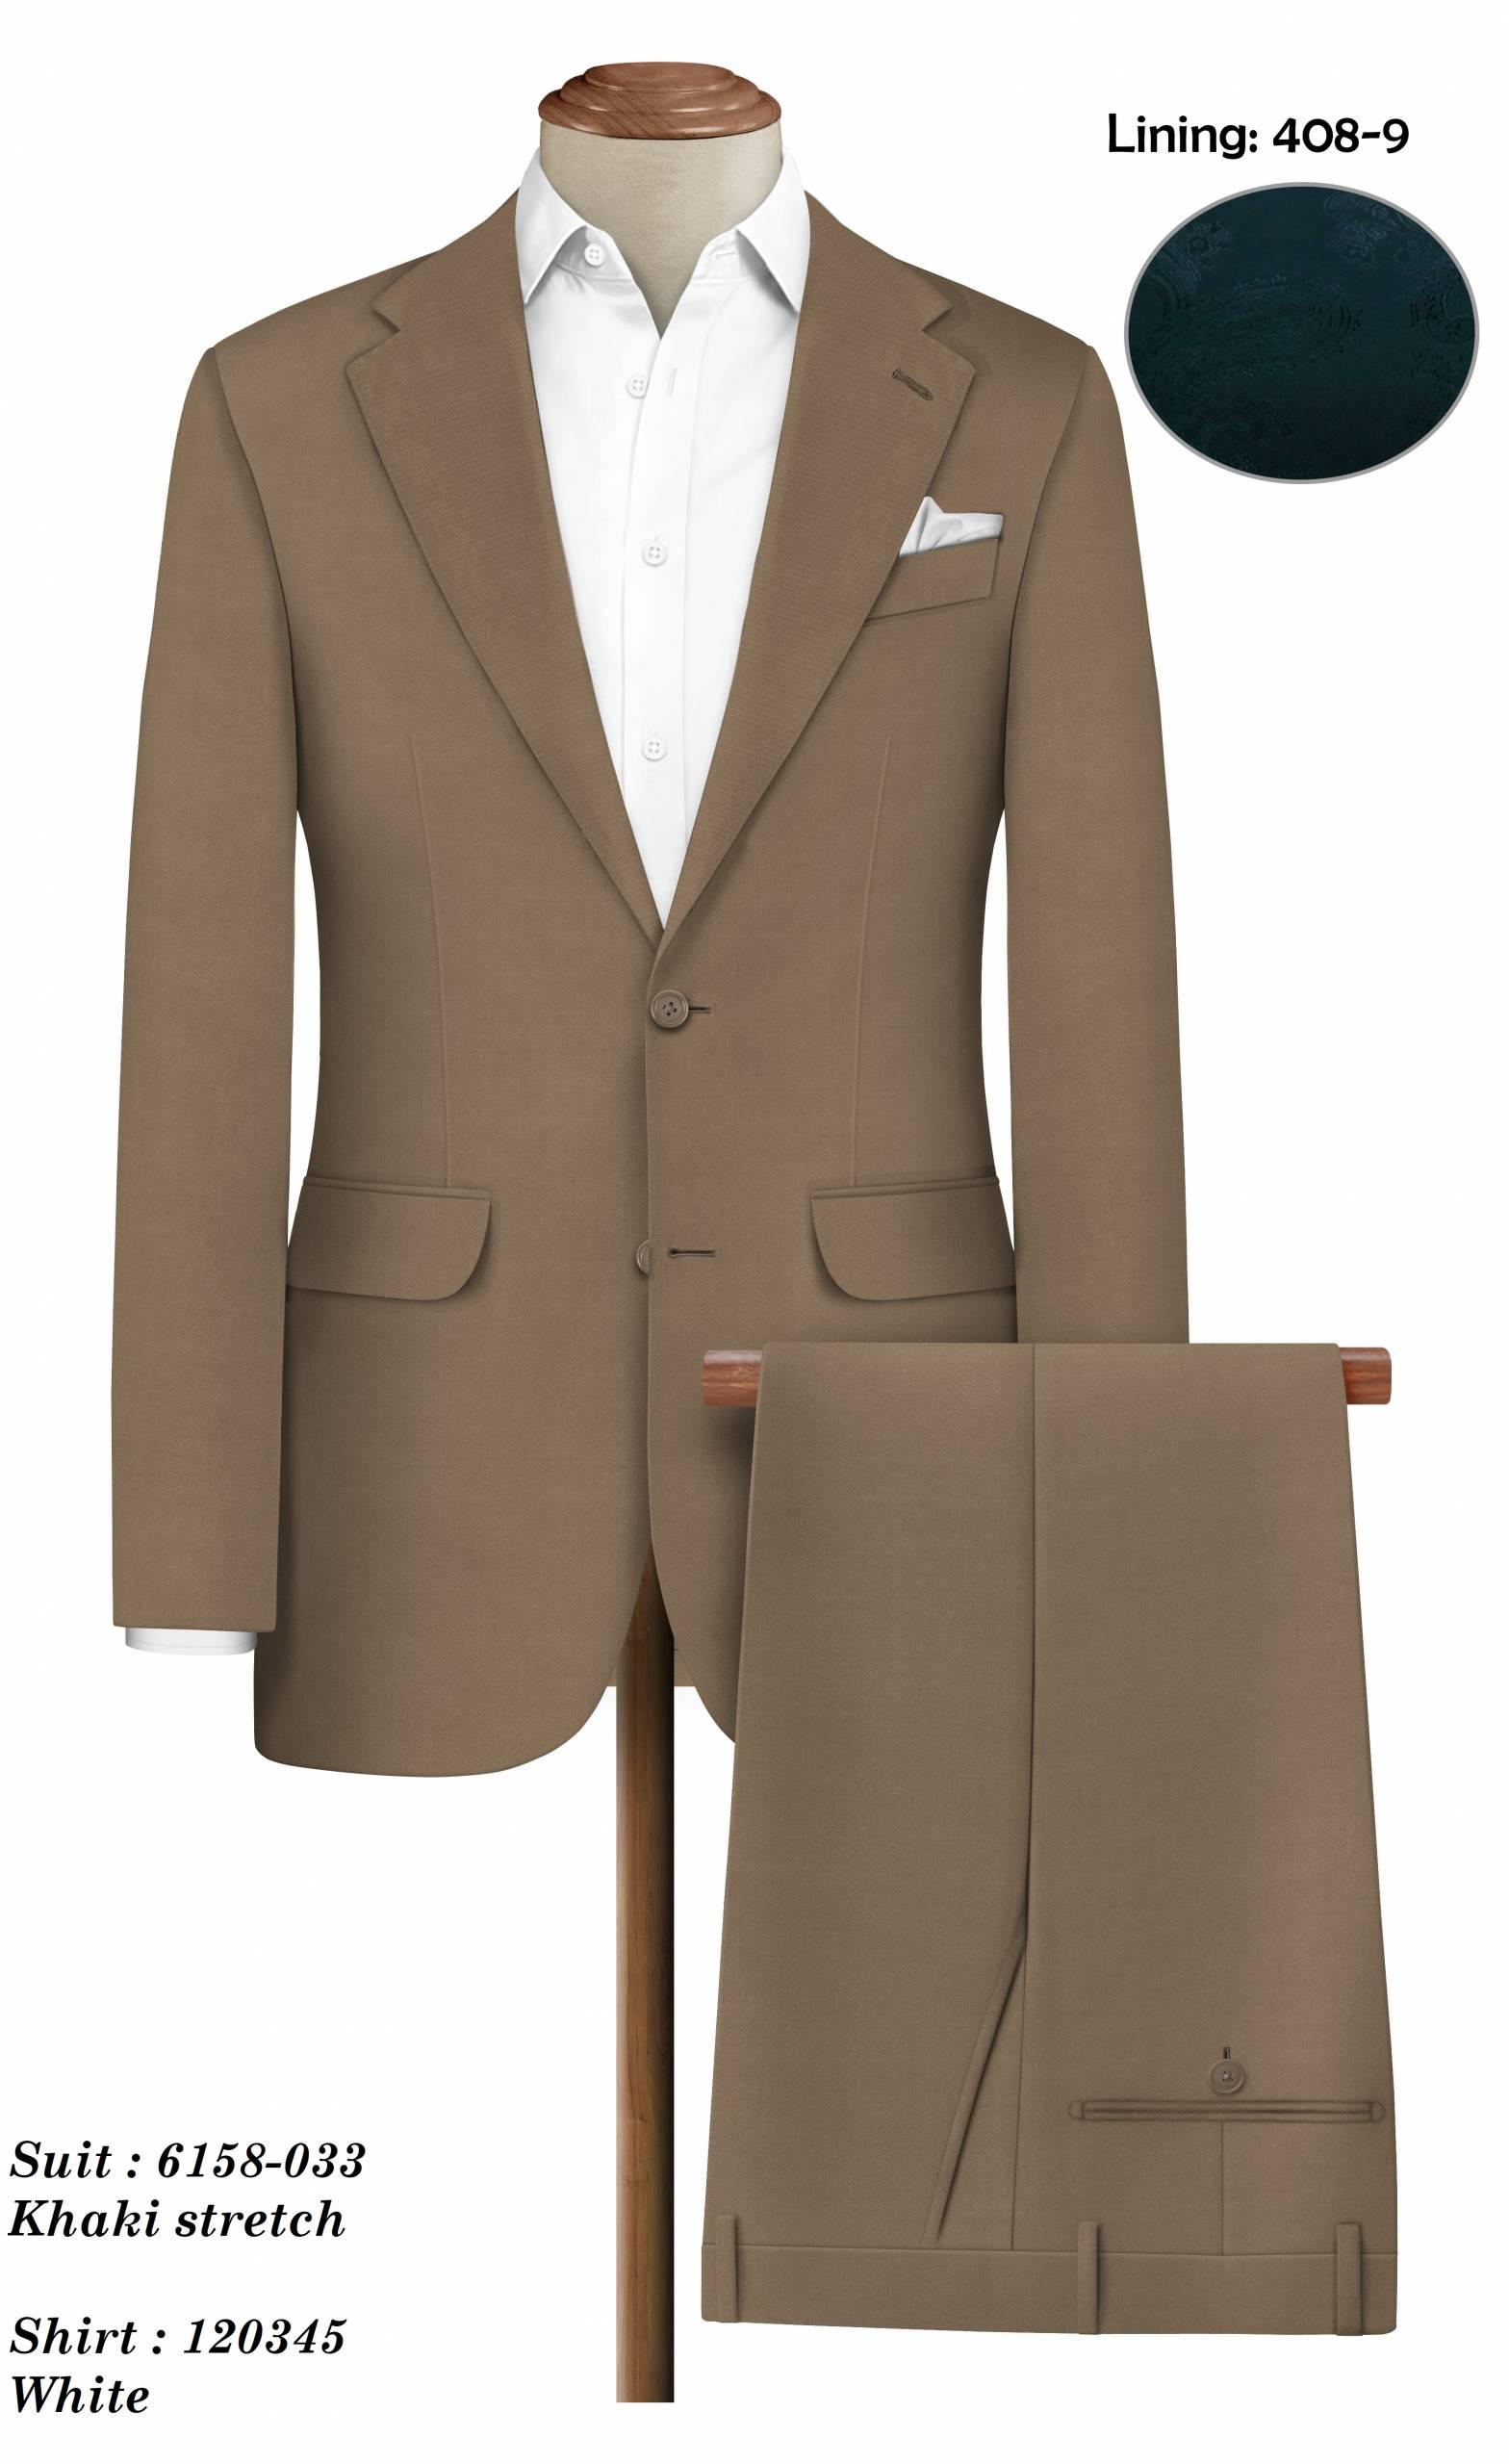 (11) 6158-033_suit